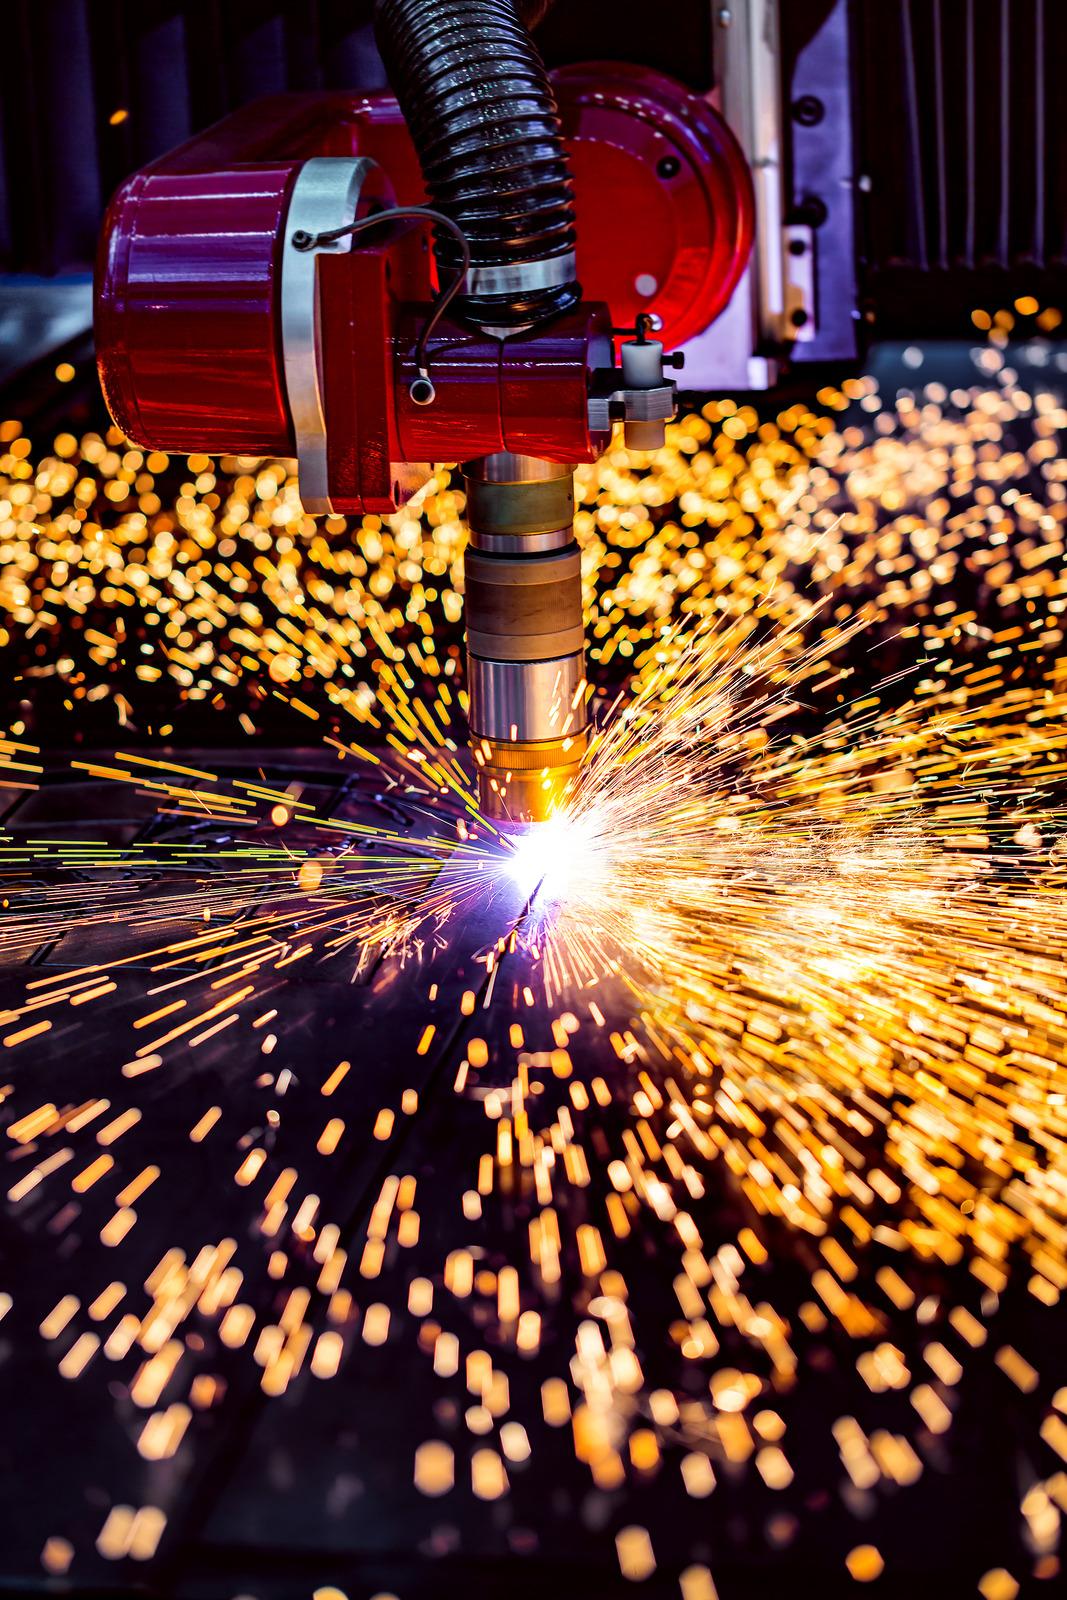 Automação na indústria e o corte a plasma: Entenda essa relação